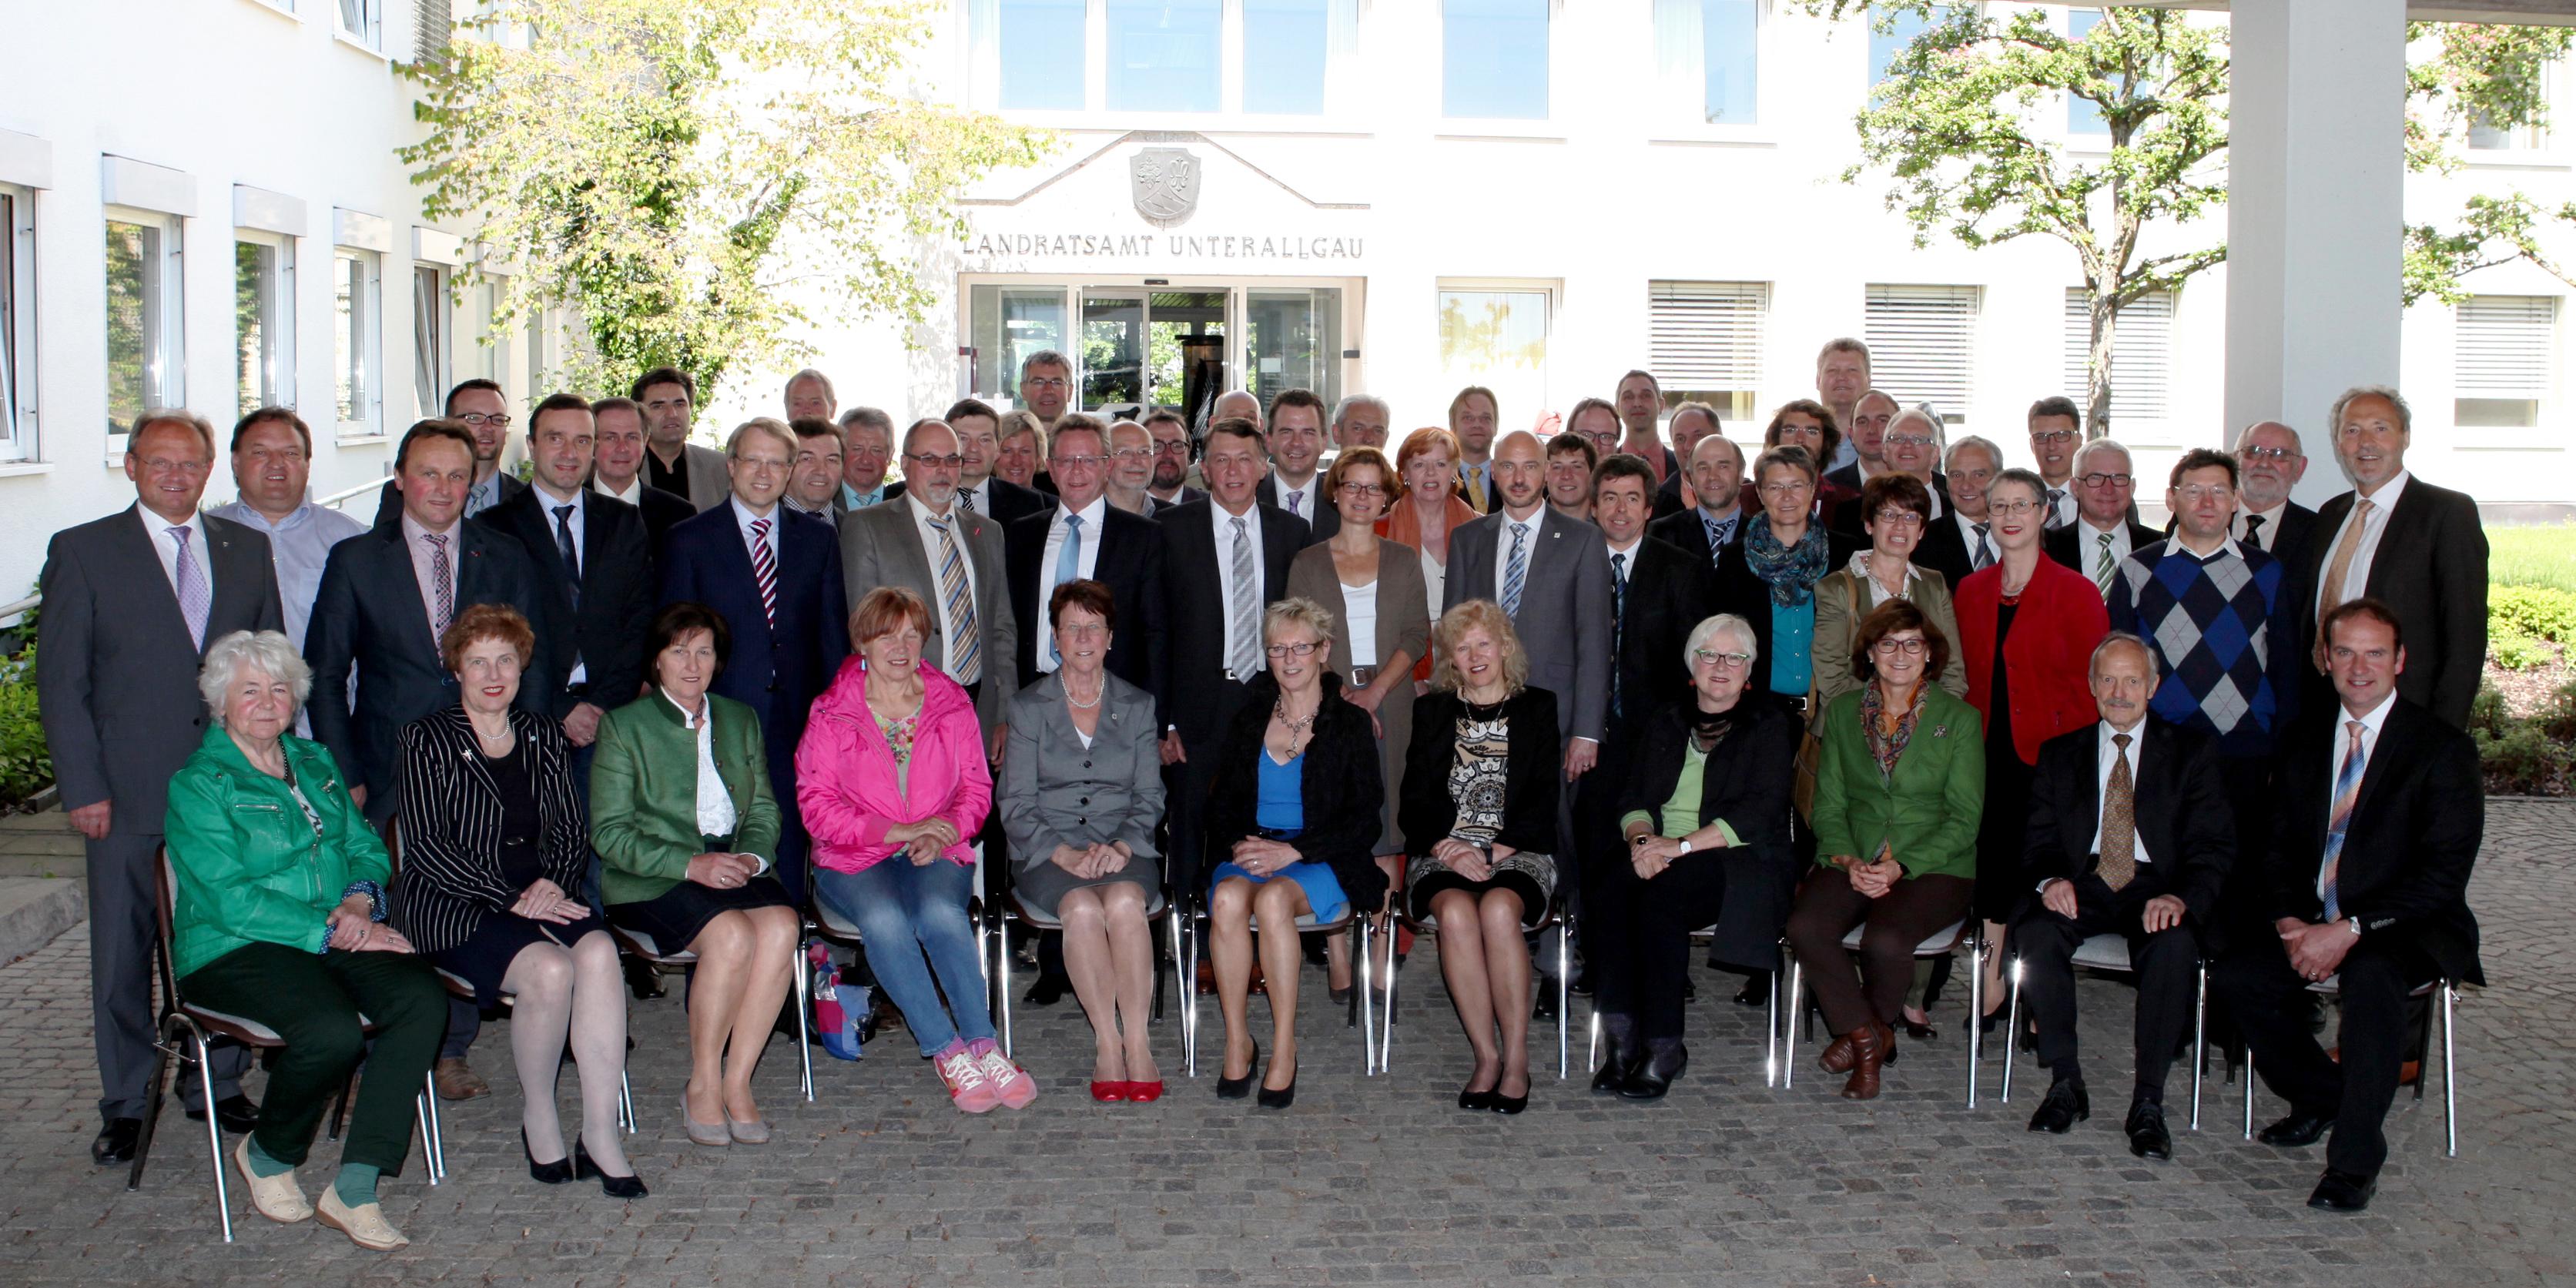 Nach der konstituierenden Sitzung kamen alle Kreisräte und Landrat Hans-Joachim Weirather (zweite Reihe rechts) zu einem Gruppenfoto zusammen. Foto: Landratsamt/Eva Büchele